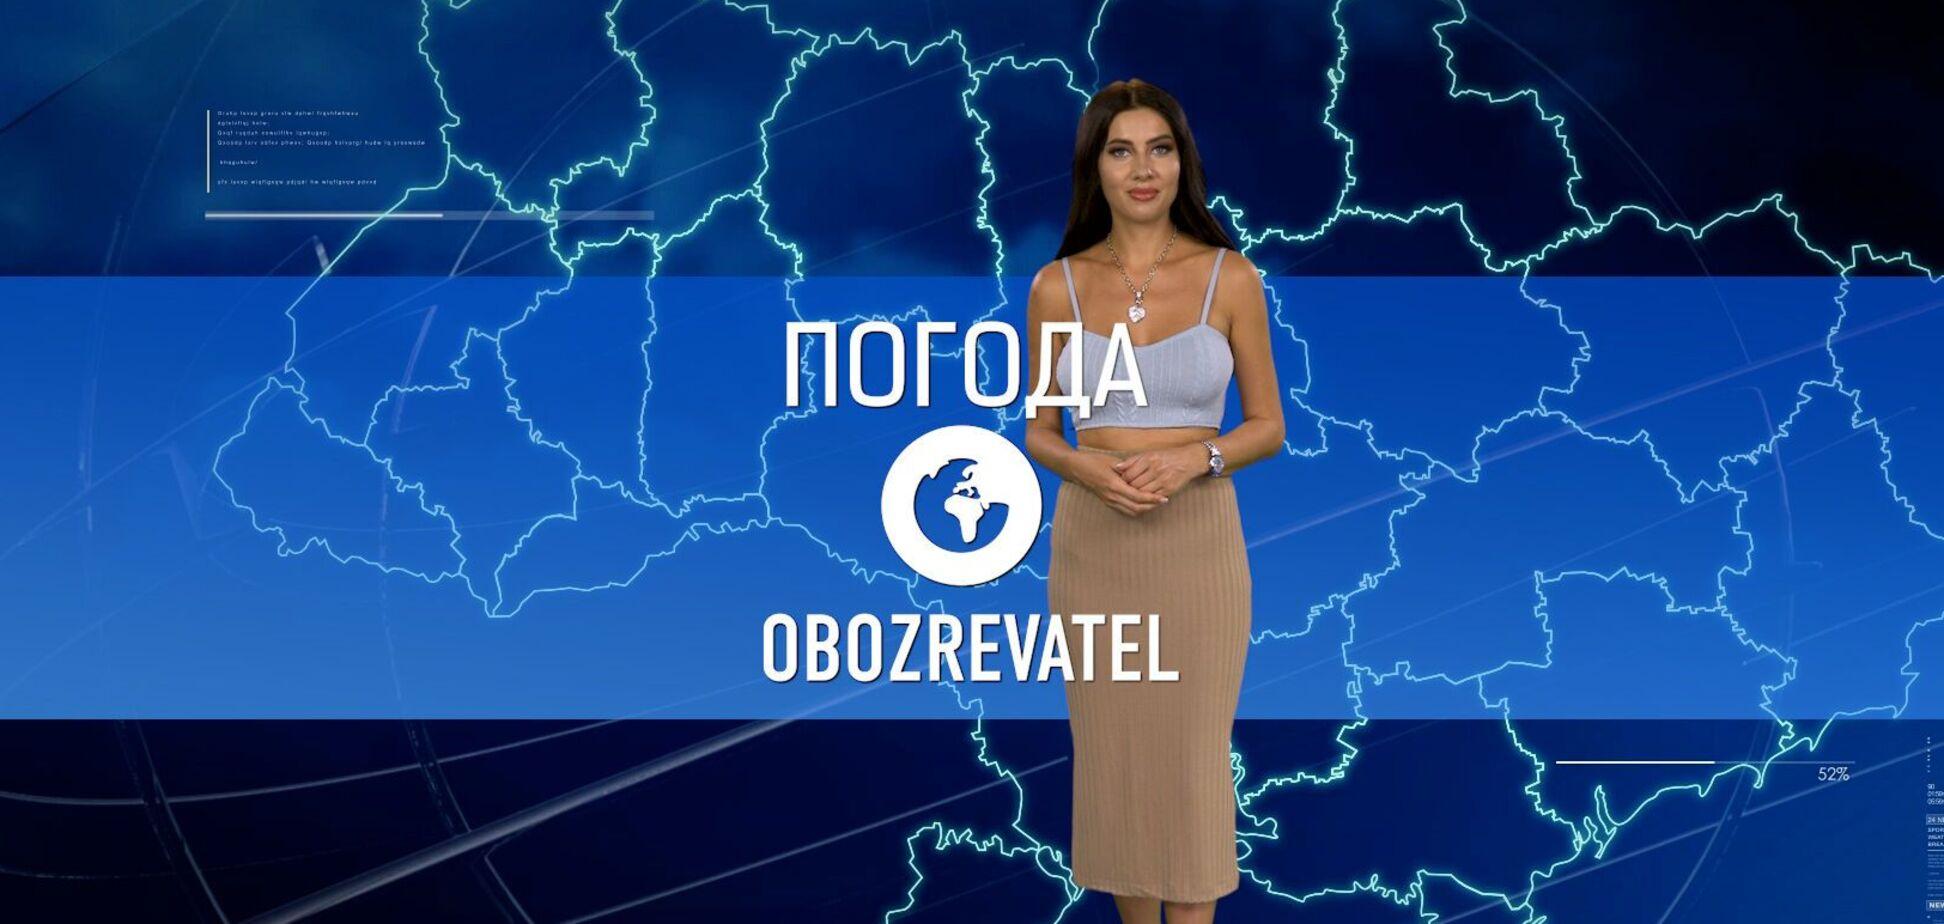 Прогноз погоди в Україні на субботу, 14 серпня, з Алісою Мярковською